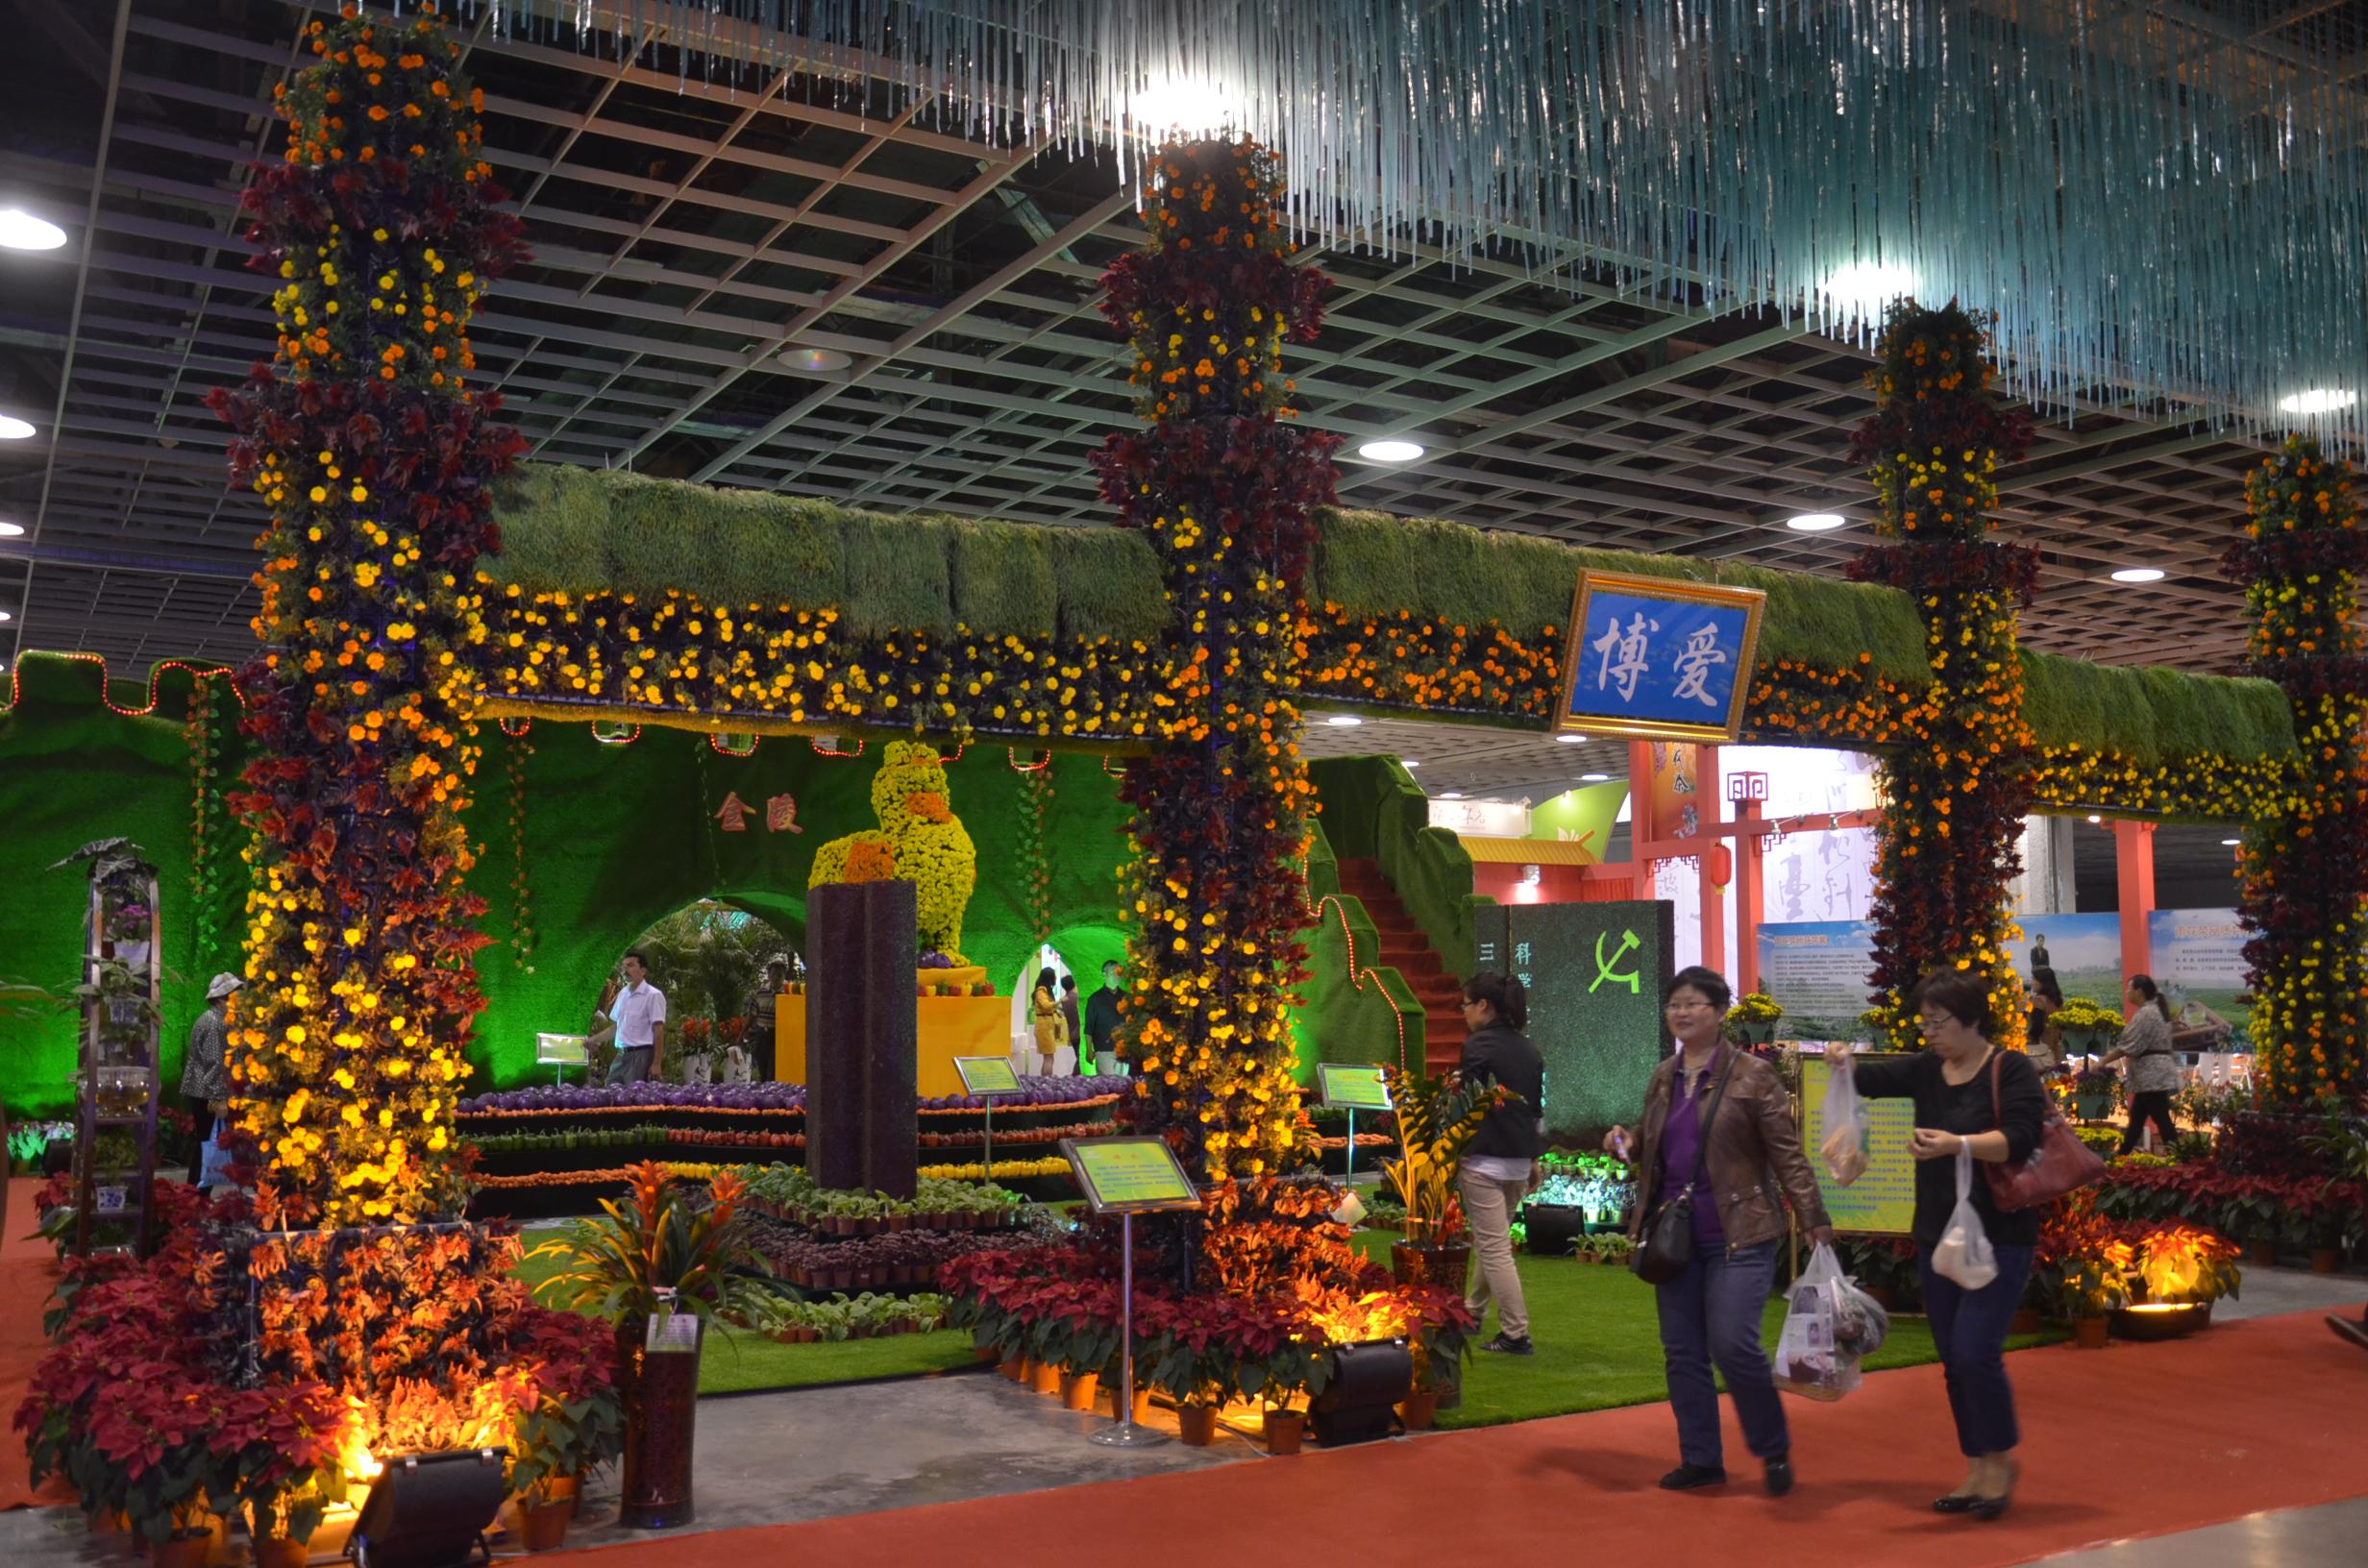 南京农业嘉年华开幕 市民吃得开心商家赚得盆满钵溢